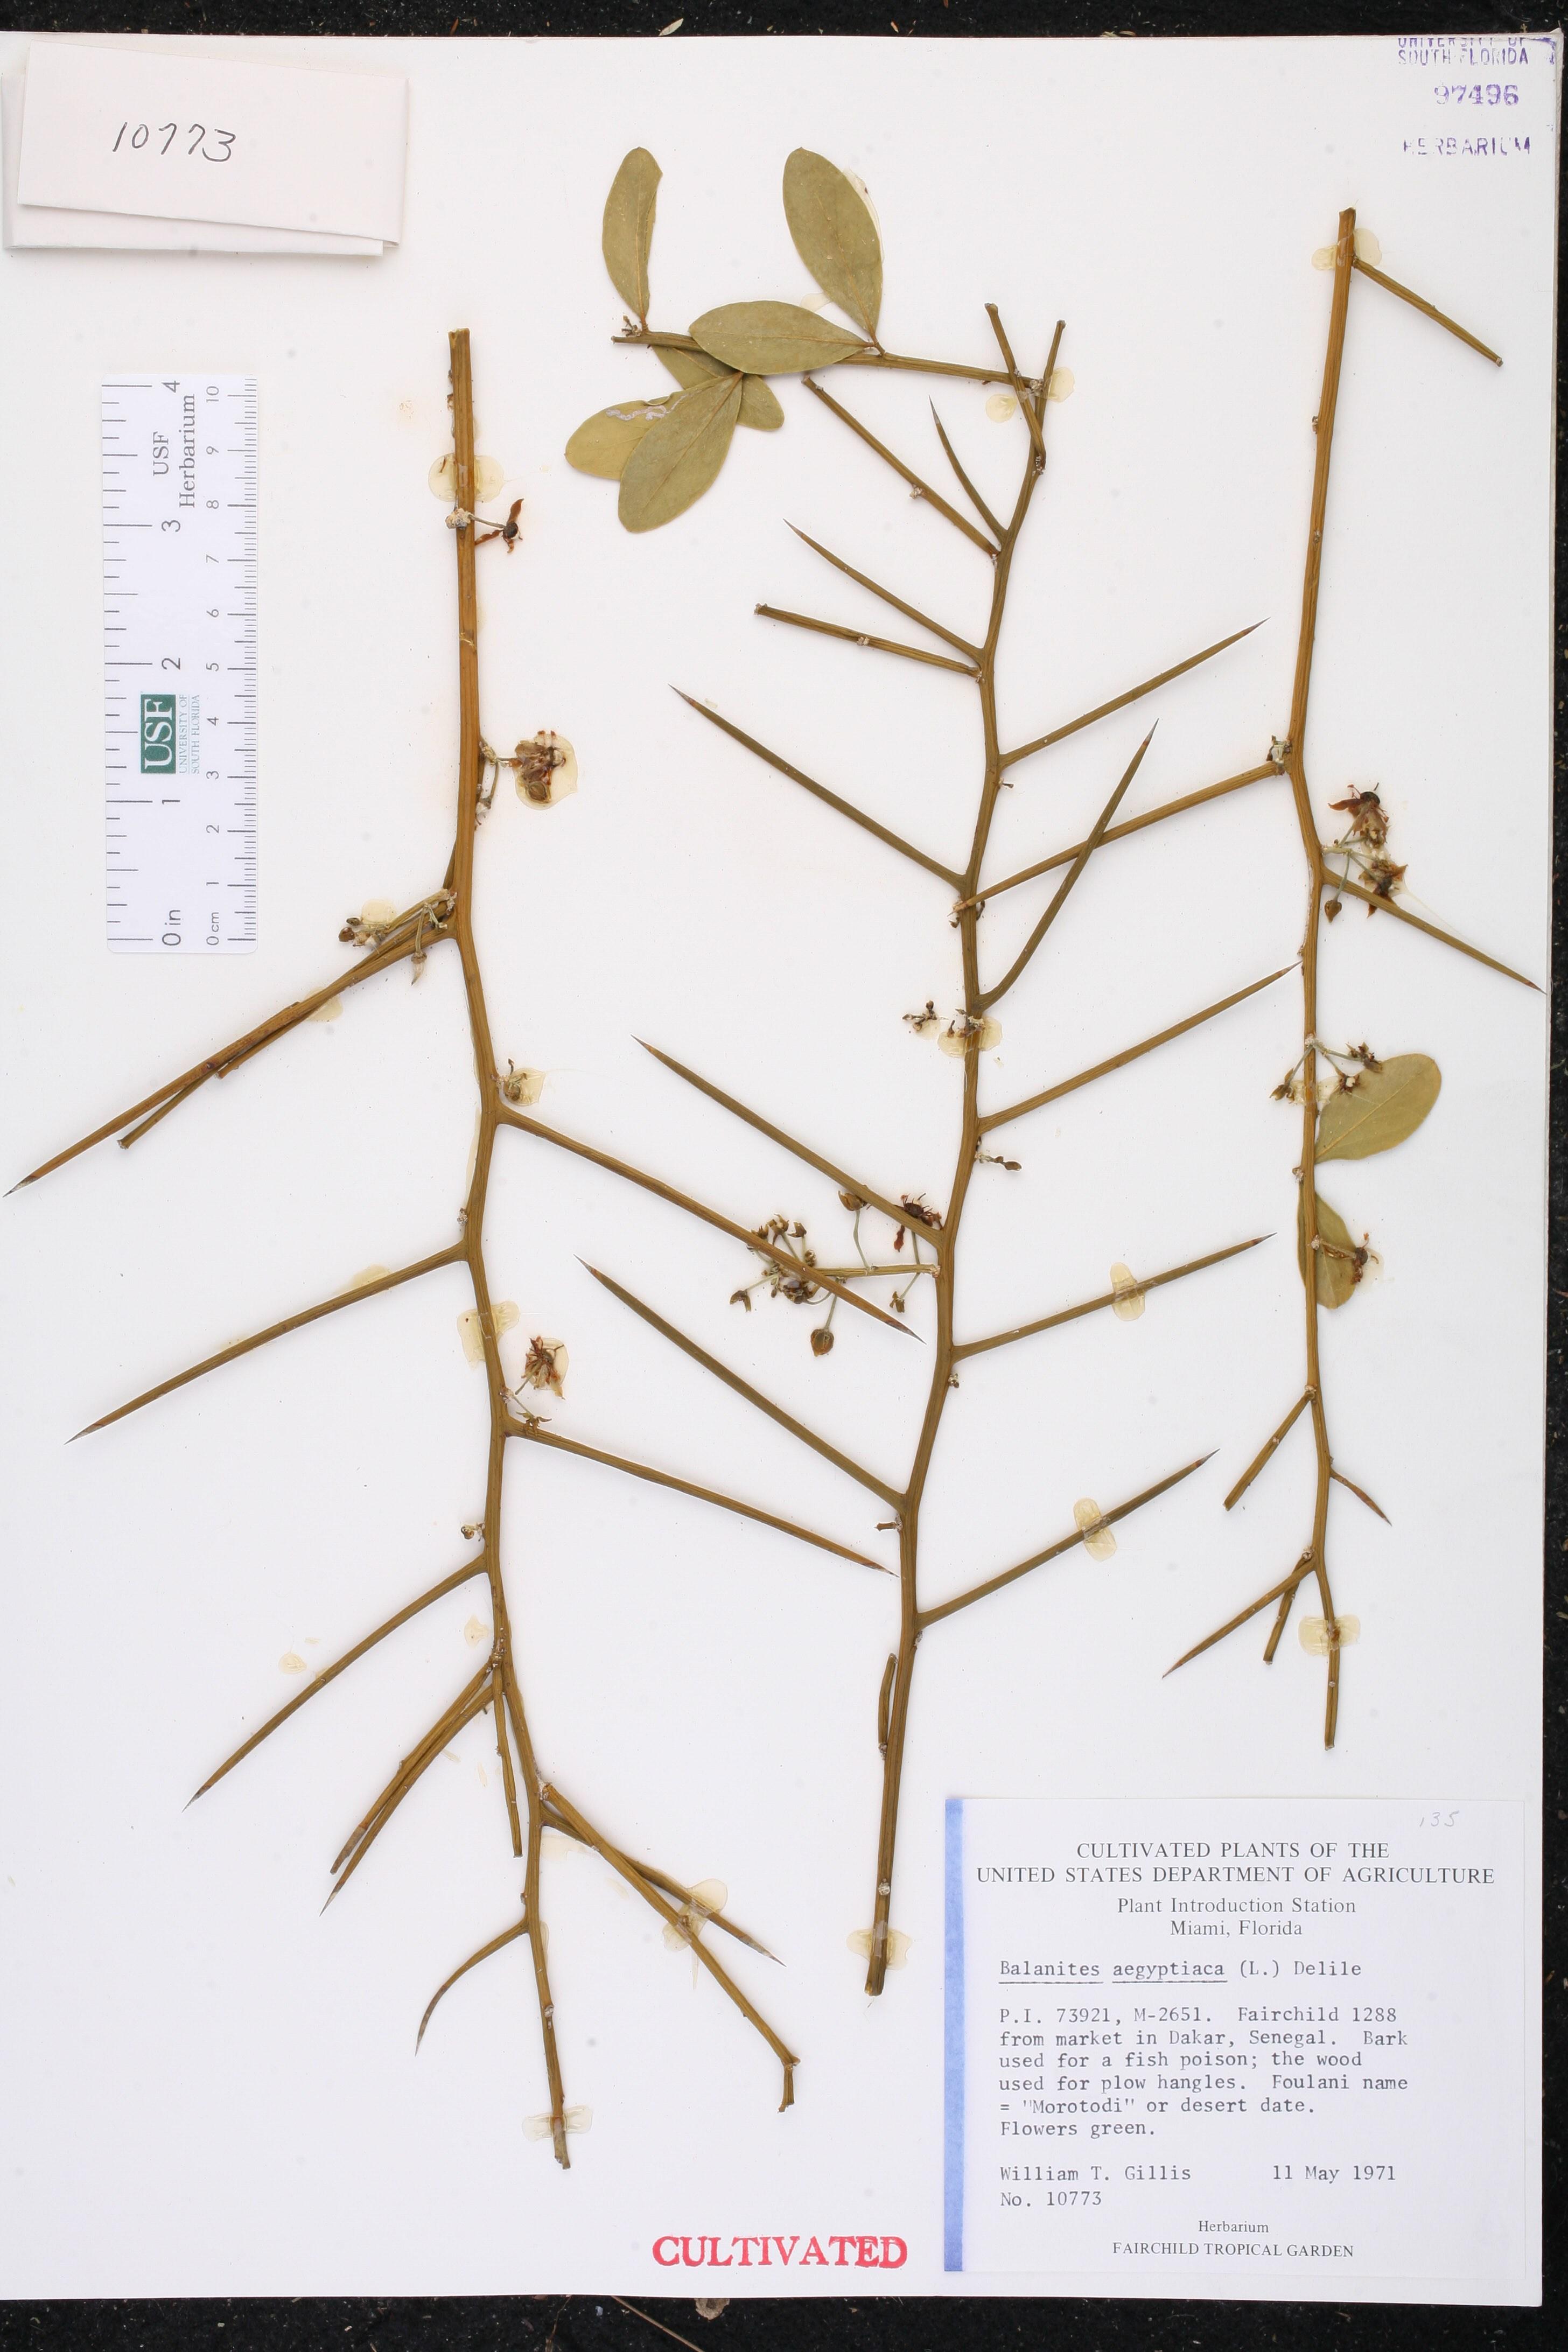 Balanites aegyptiaca image